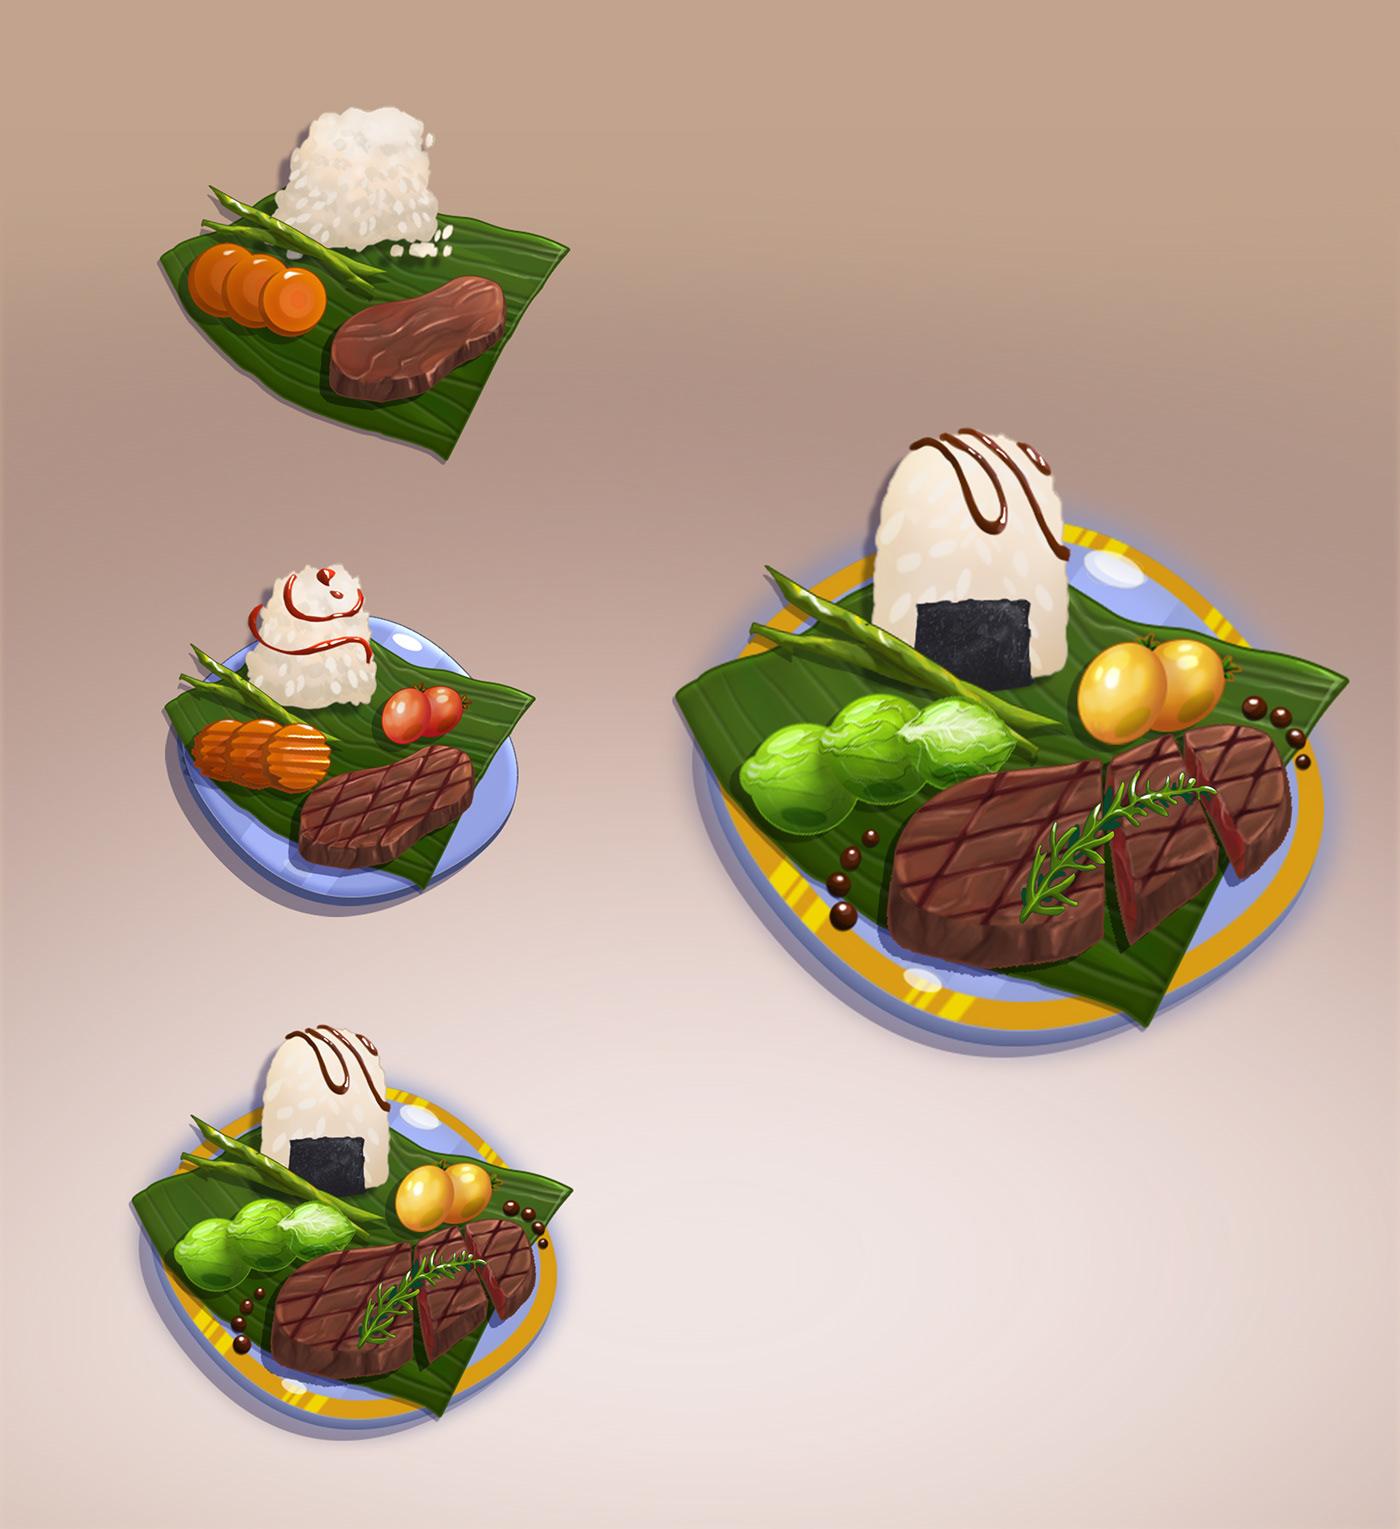 art concept art food asset food concept Game Assets game item mobile game